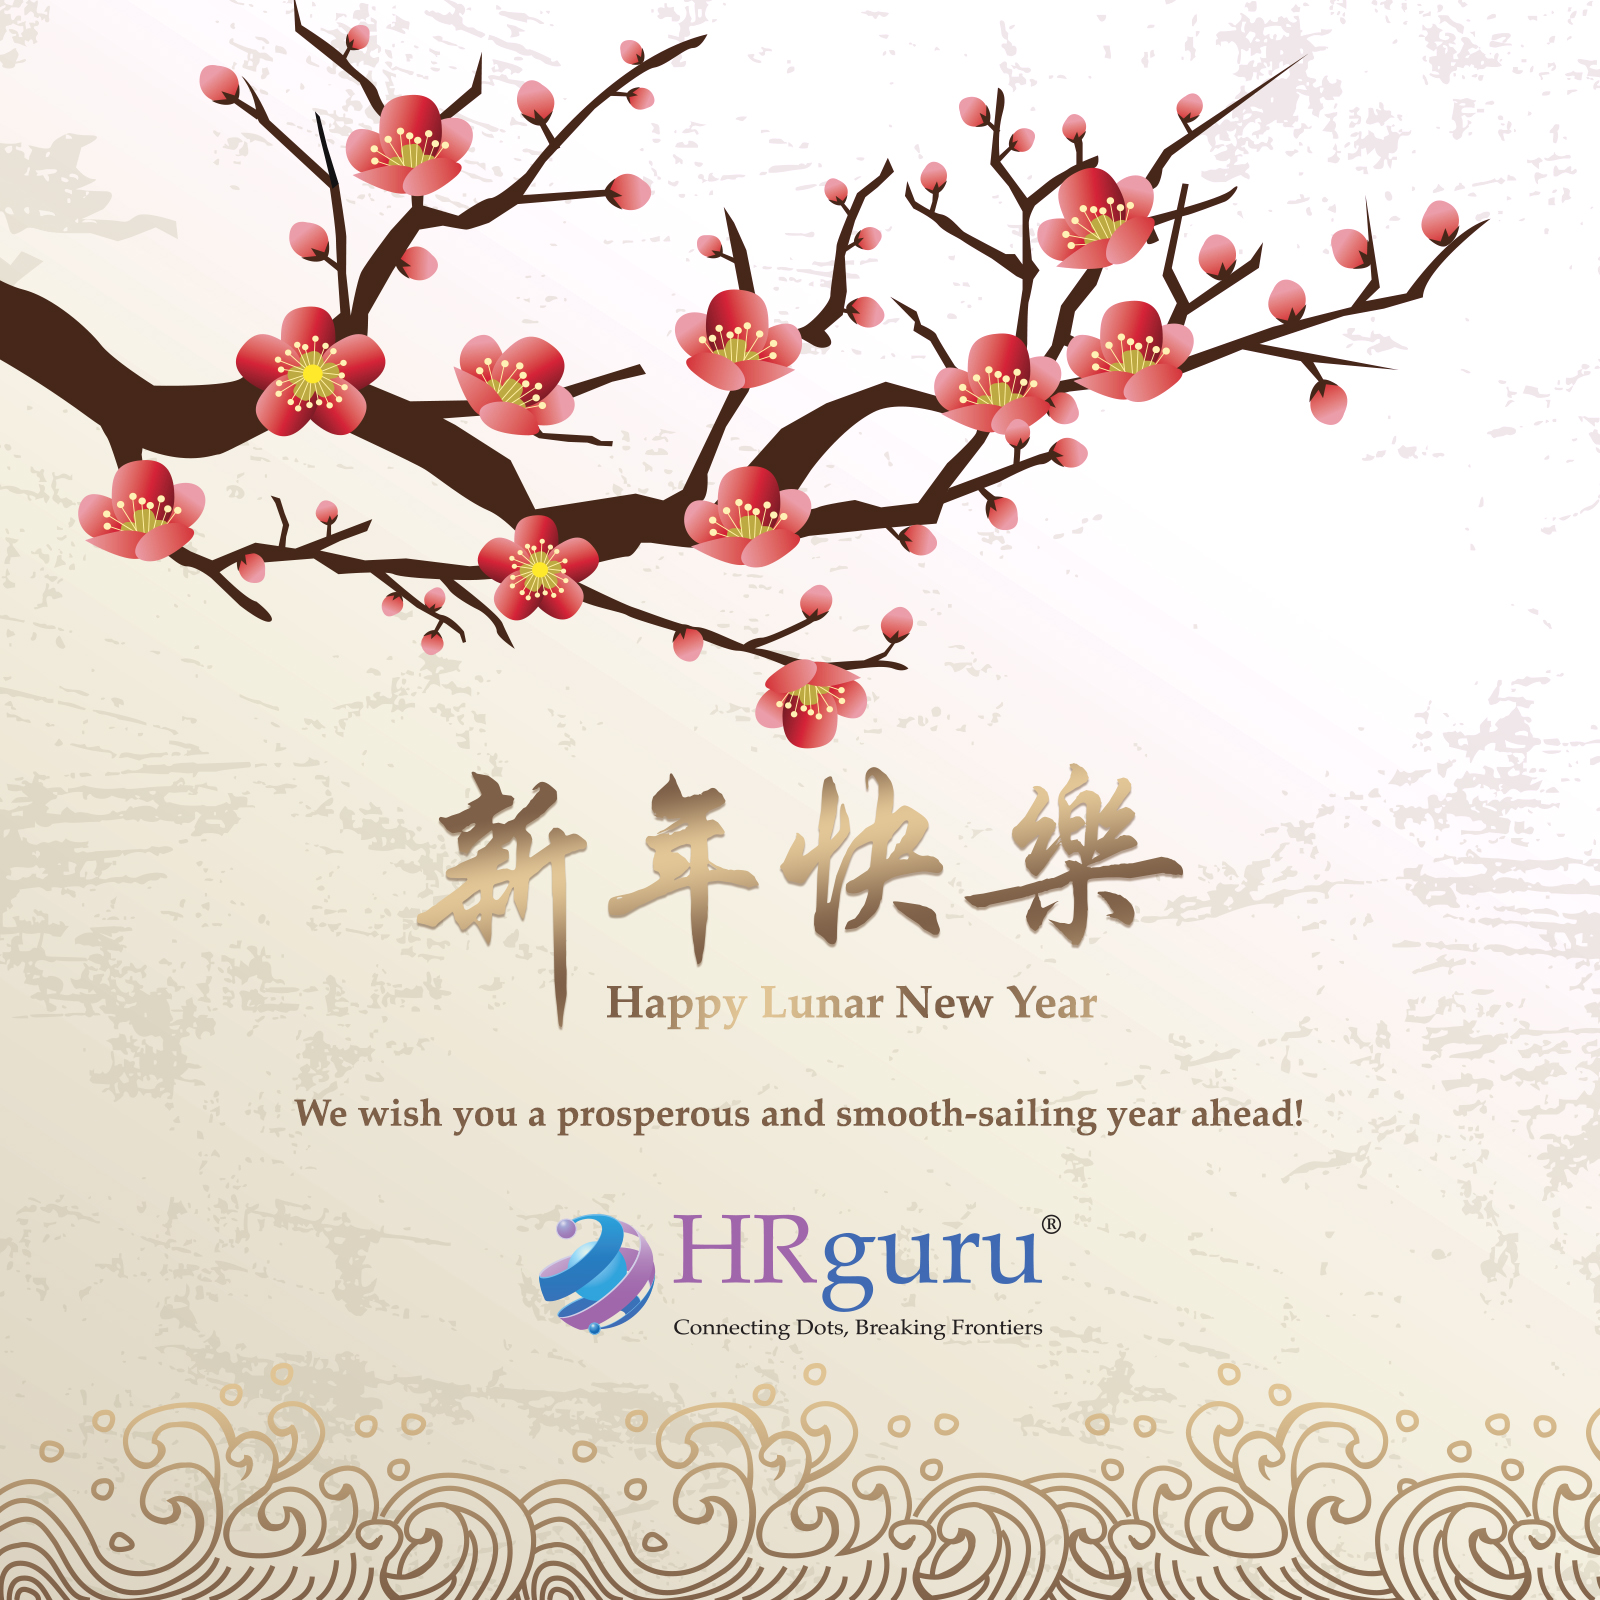 HR Guru wishes you a Happy Lunar New Year